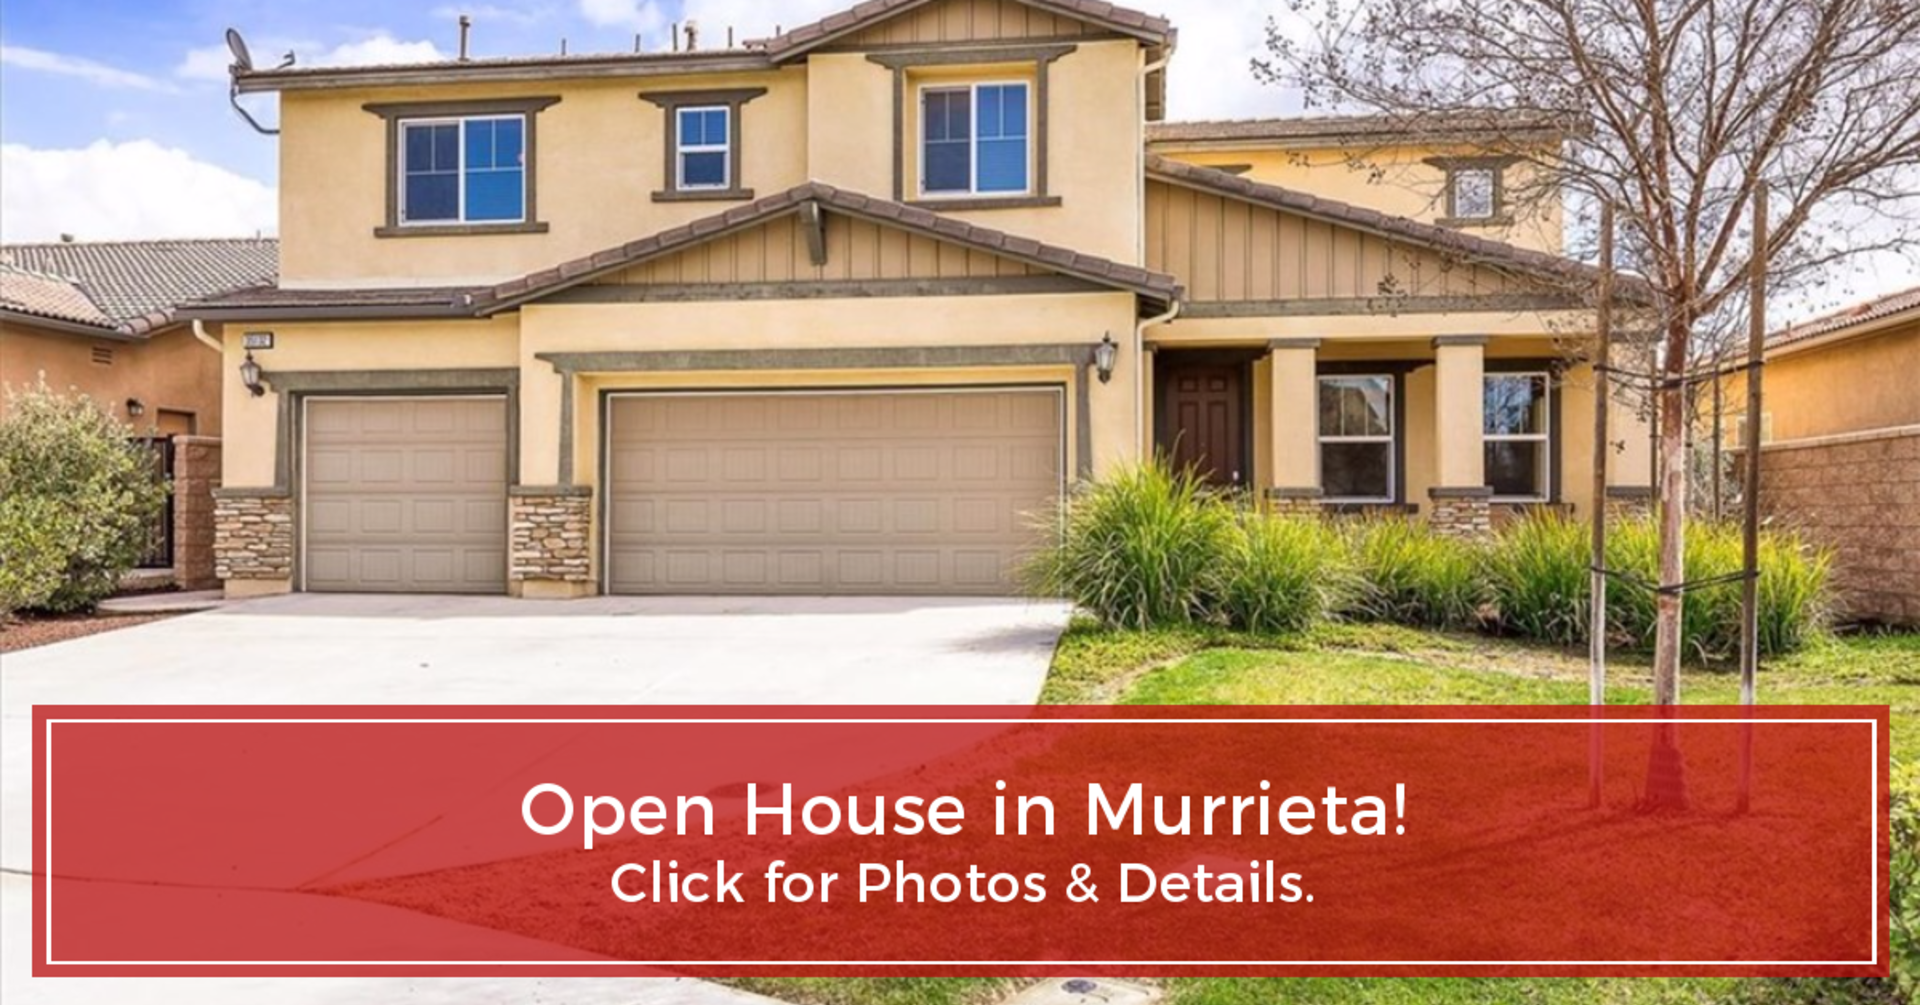 OPEN HOUSE in Murrieta Sunday, 3/10/19 between 12:00-3:00